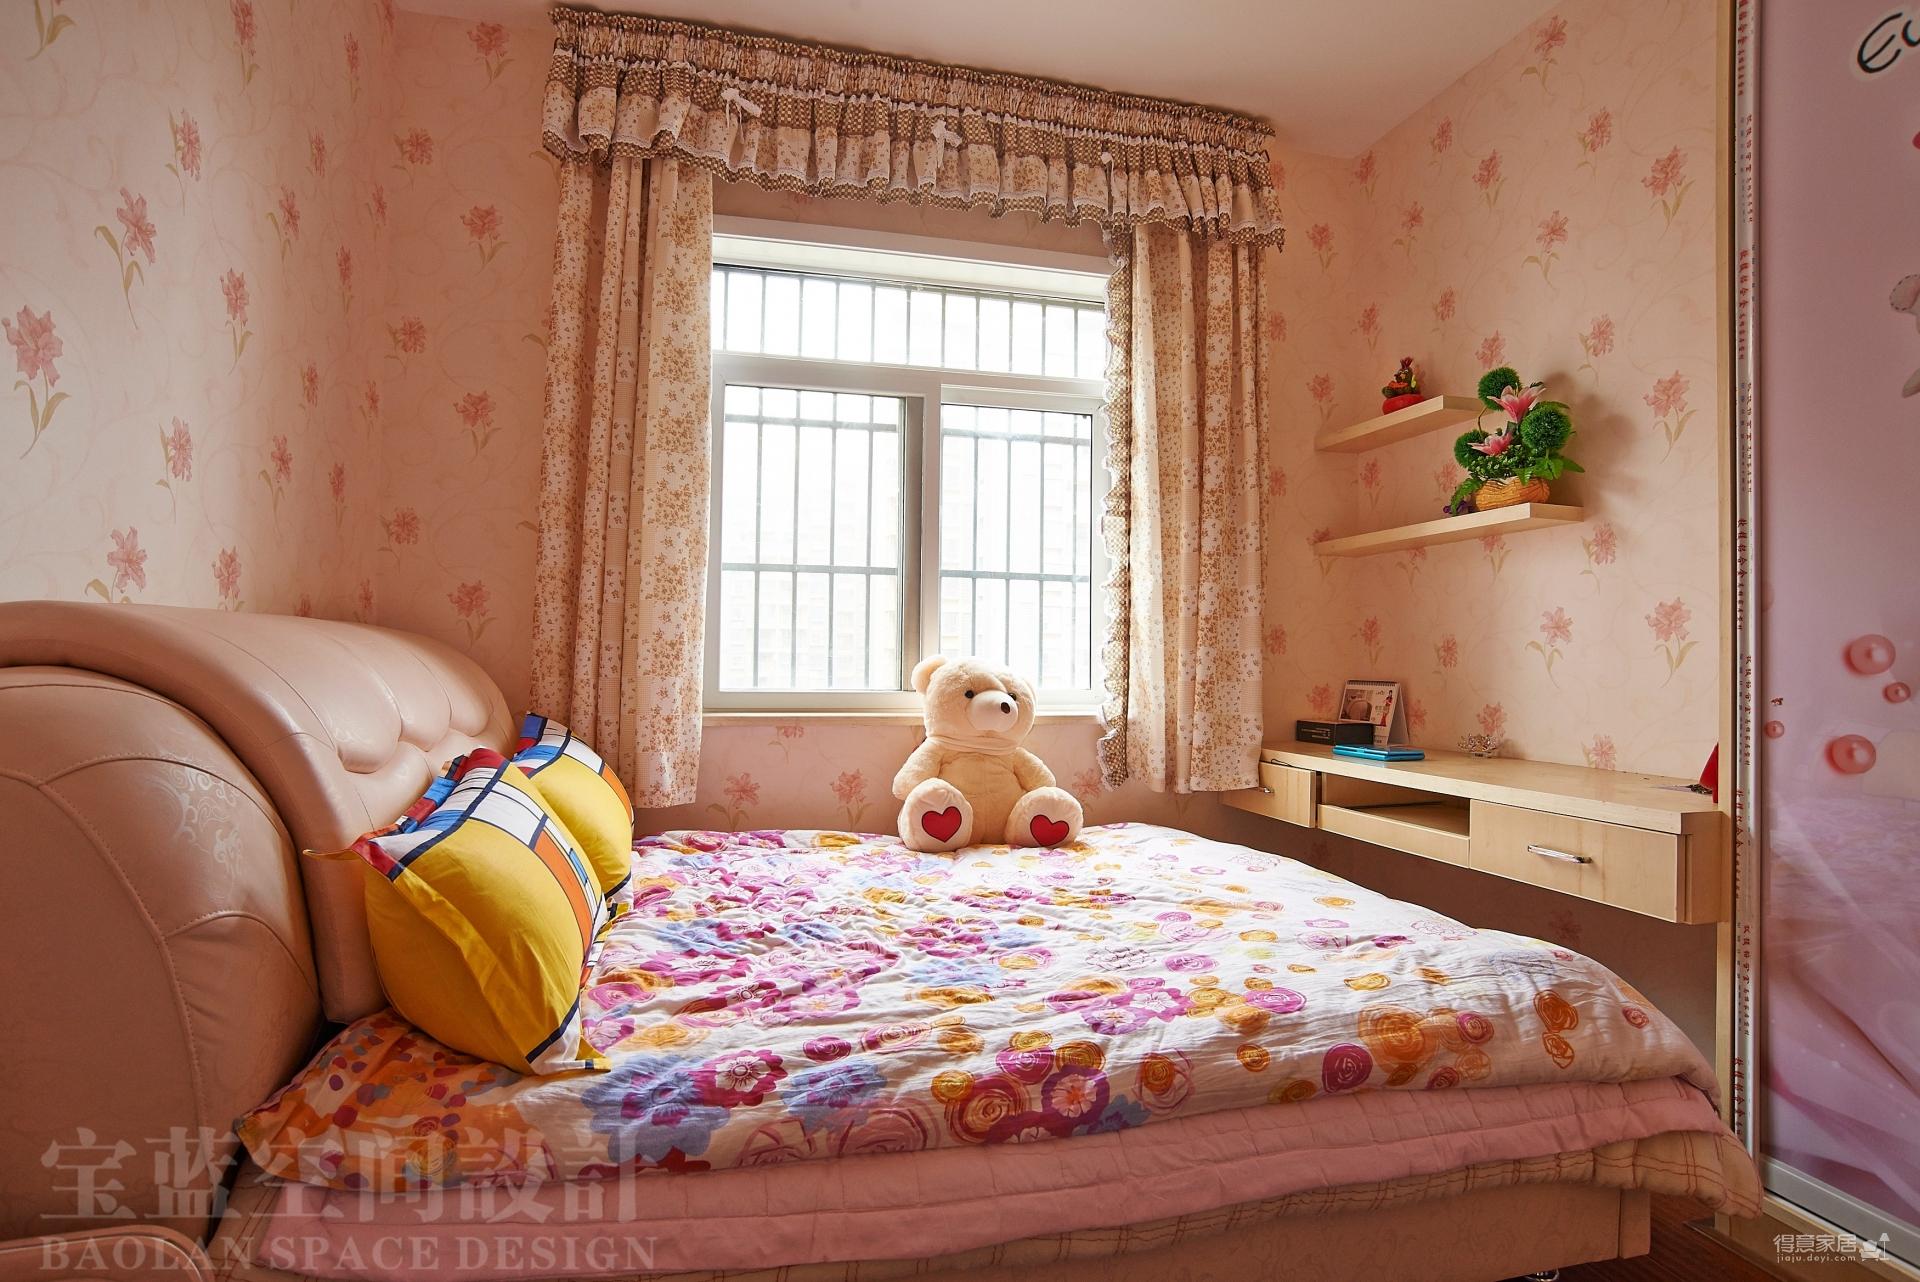 汉口湖畔-儿童房-粉色篇图_1